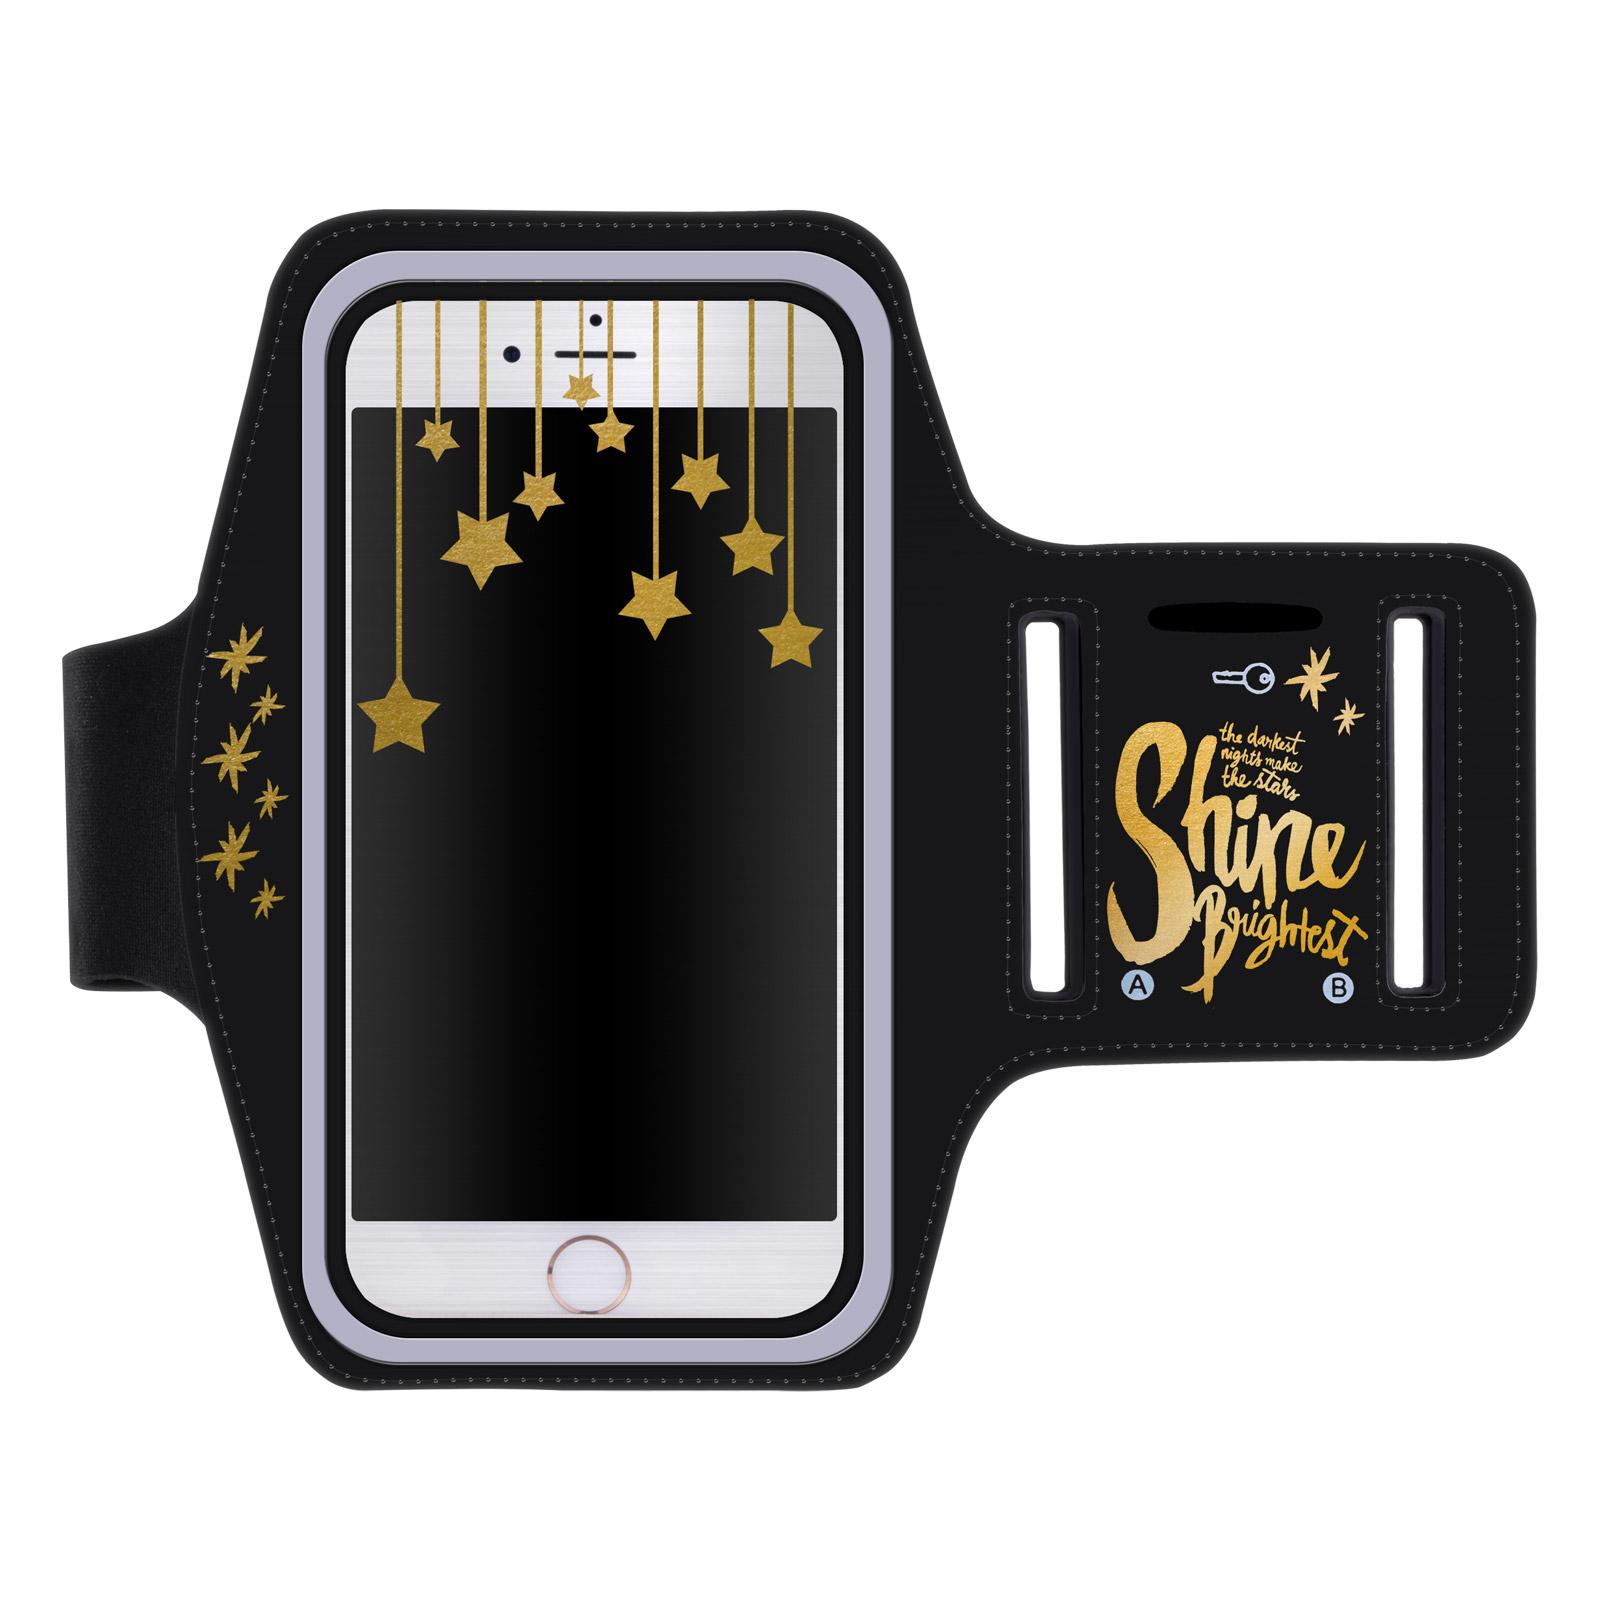 """Sportovní pouzdro na ruku SHINE pro mobily do 5,1"""" iPhone 6 / S7 ČERNÉ (Pouzdro na běhání pro mobilní telefony do 5,1 palců)"""